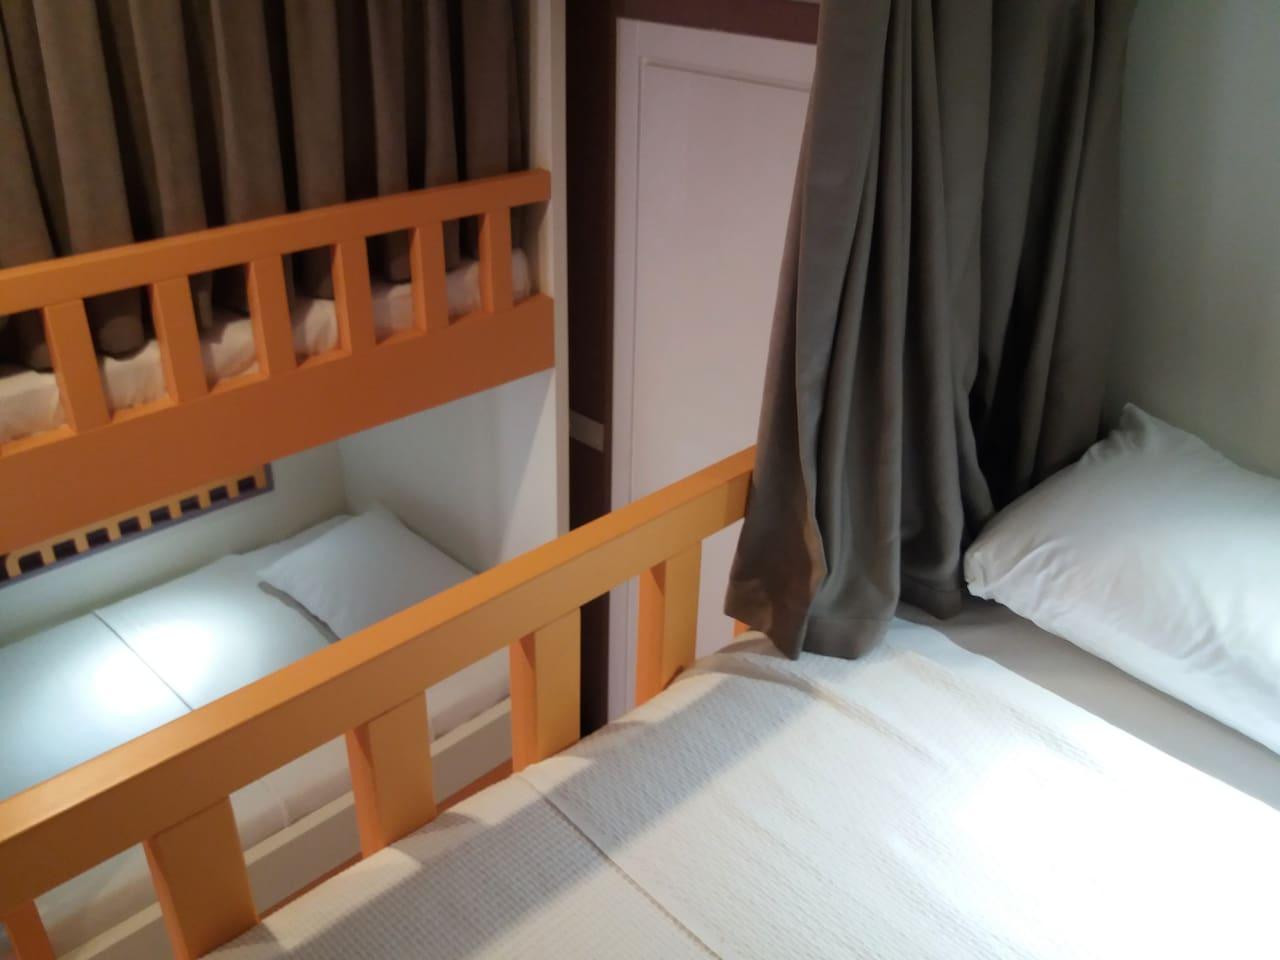 perdeler sayesinde kendi yatağınızda tek bir odada gibi hissedersiniz